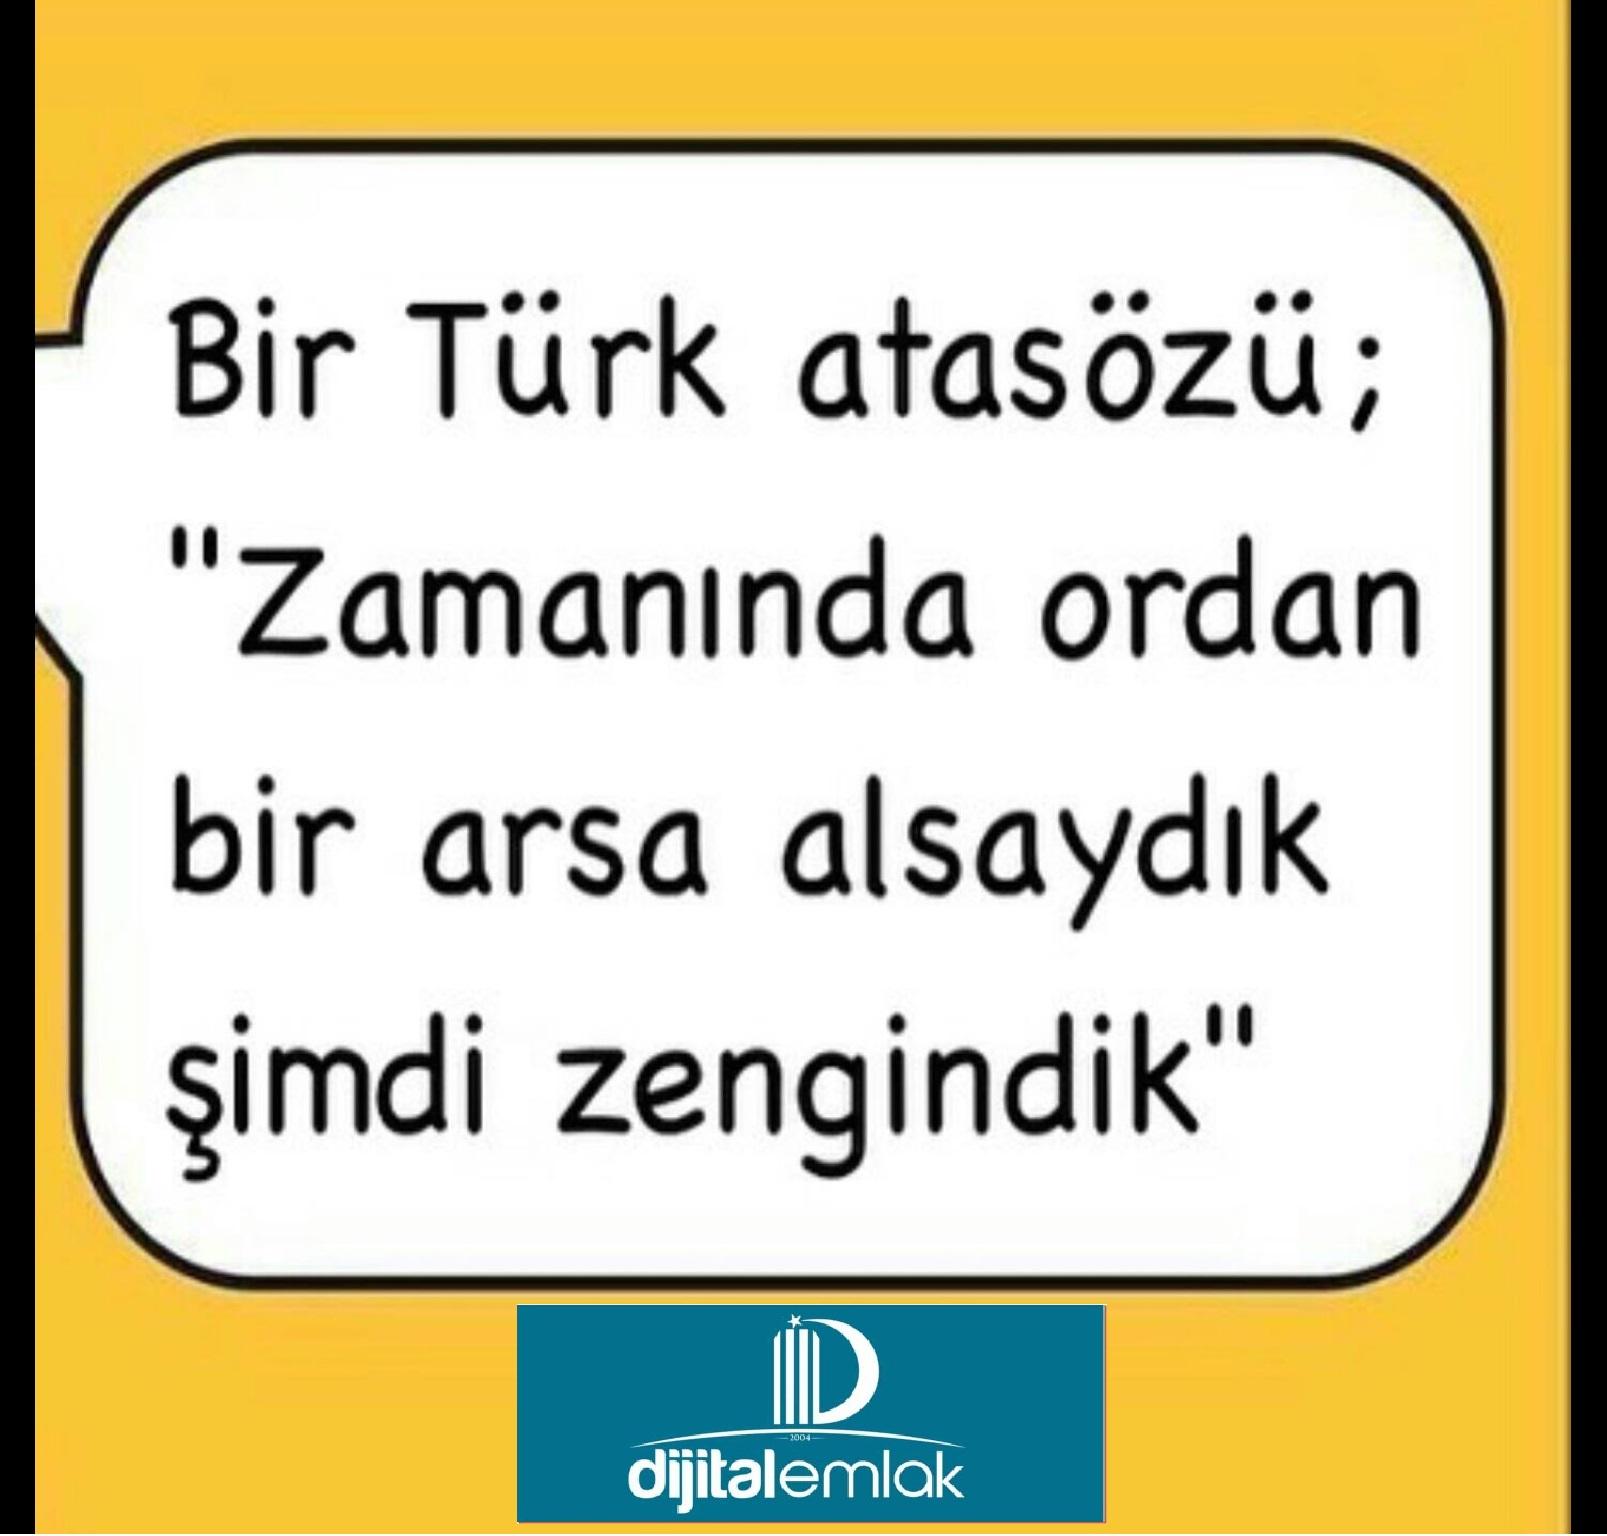 Bursa DijitalEmlak